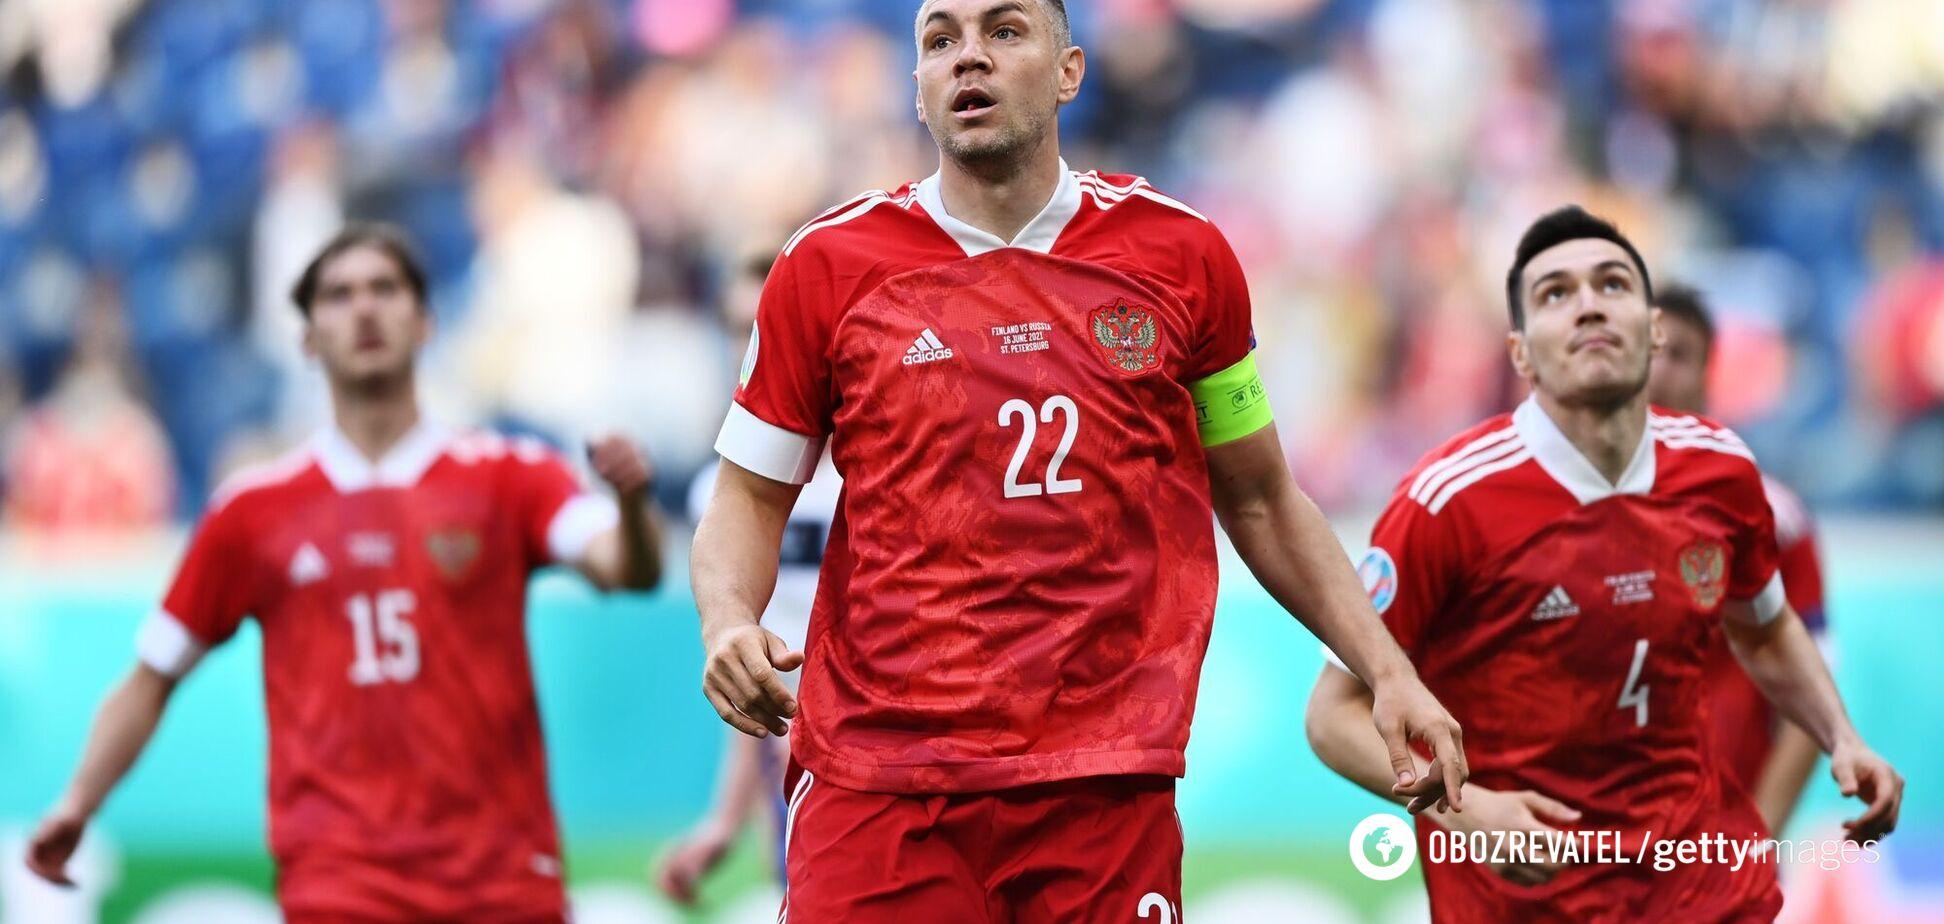 Букмекеры считают, что Россия не добьется успеха в матче с Данией